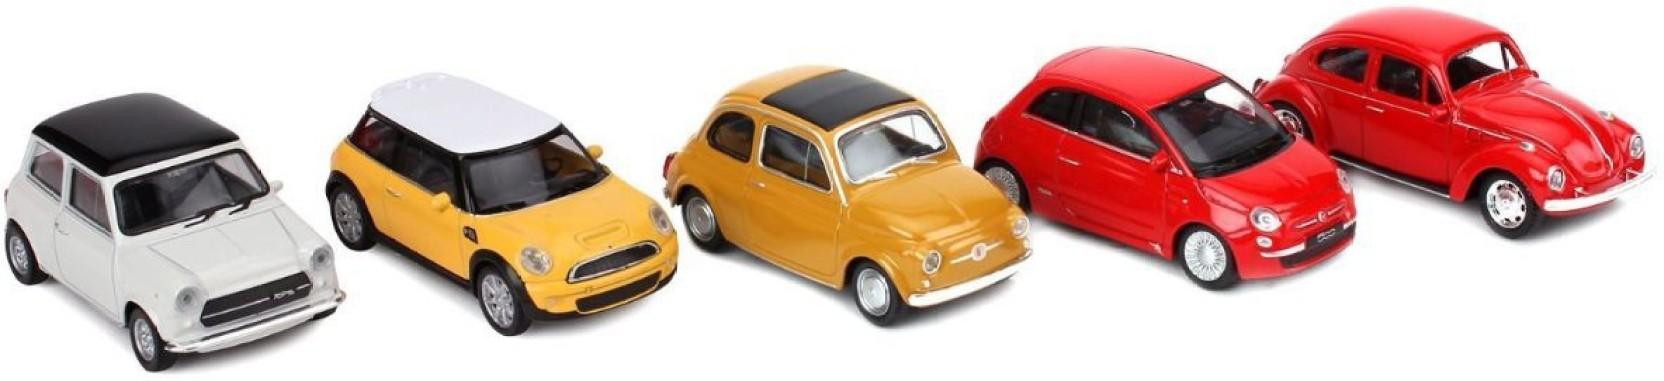 Welly NEX Model Die Cast 1:43 Scale Cars - Pack of 5 - NEX Model Die